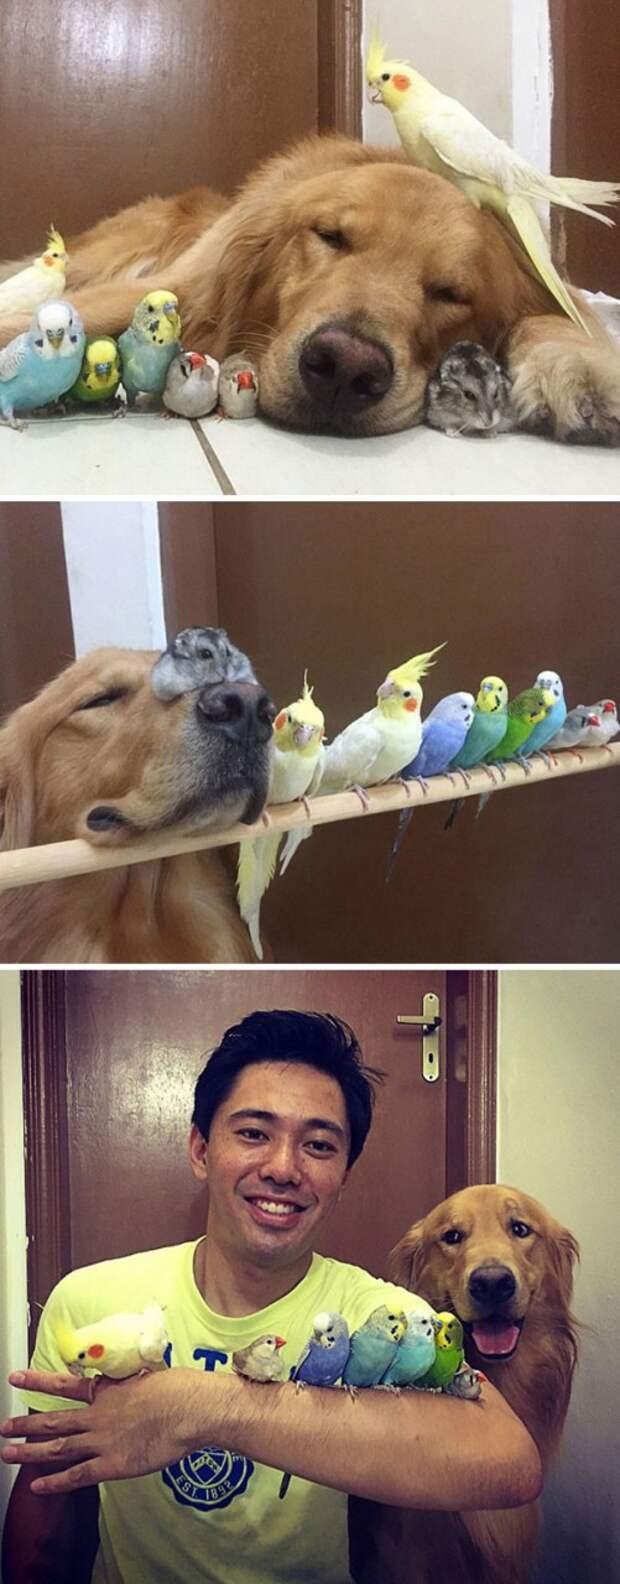 3. Золотистый ретривер по кличке Боб, 8 птиц и хомяк животные, жизнь, кот, питомец, семья, собака, фото